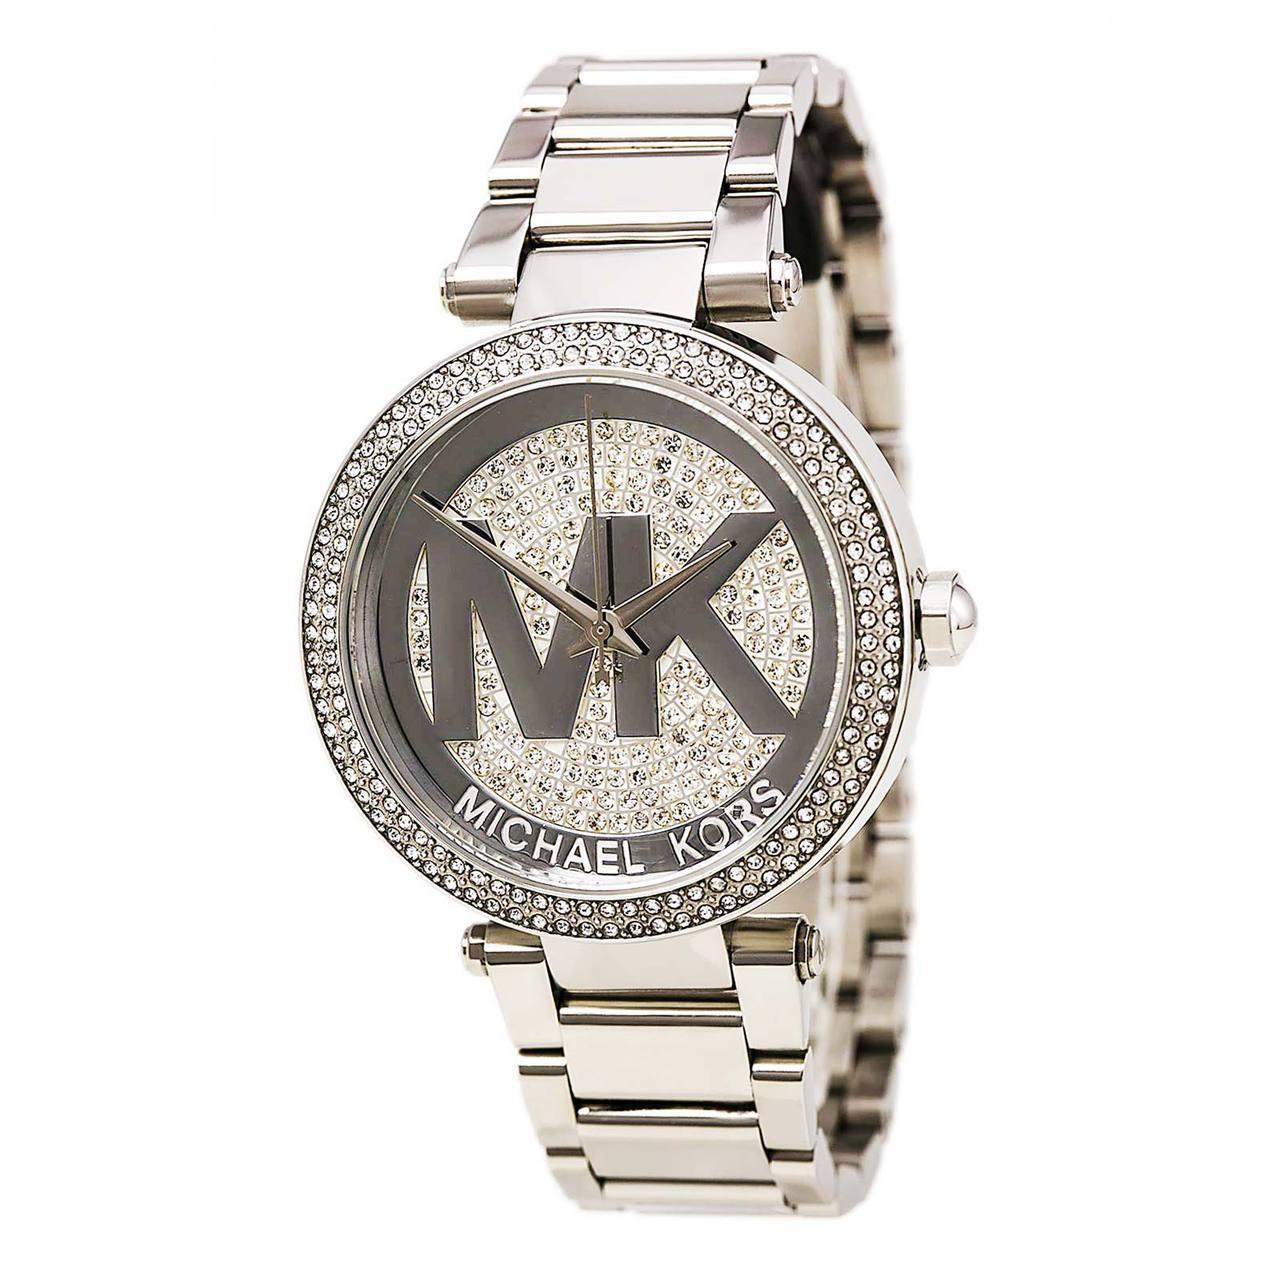 e65a9e9c17ff Michael Kors Parker Stainless Steel Women s Watch